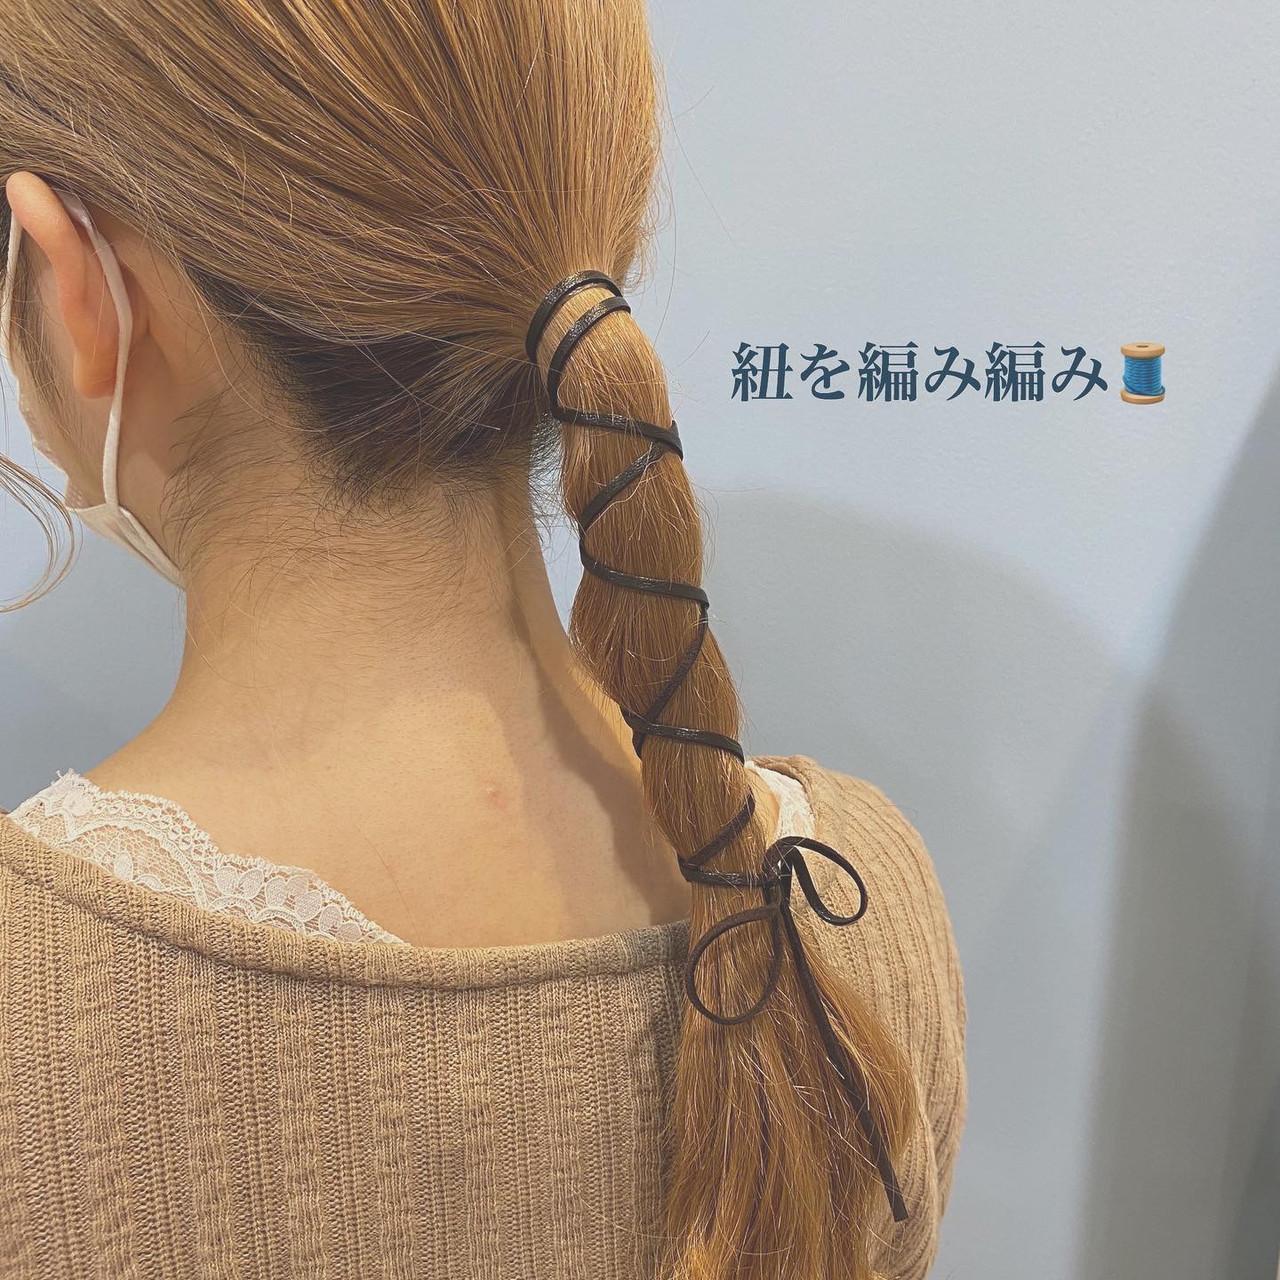 セルフヘアアレンジ ナチュラル ヘアアレンジ 簡単ヘアアレンジ ヘアスタイルや髪型の写真・画像 | 山口 美佳 / loco by  neolive